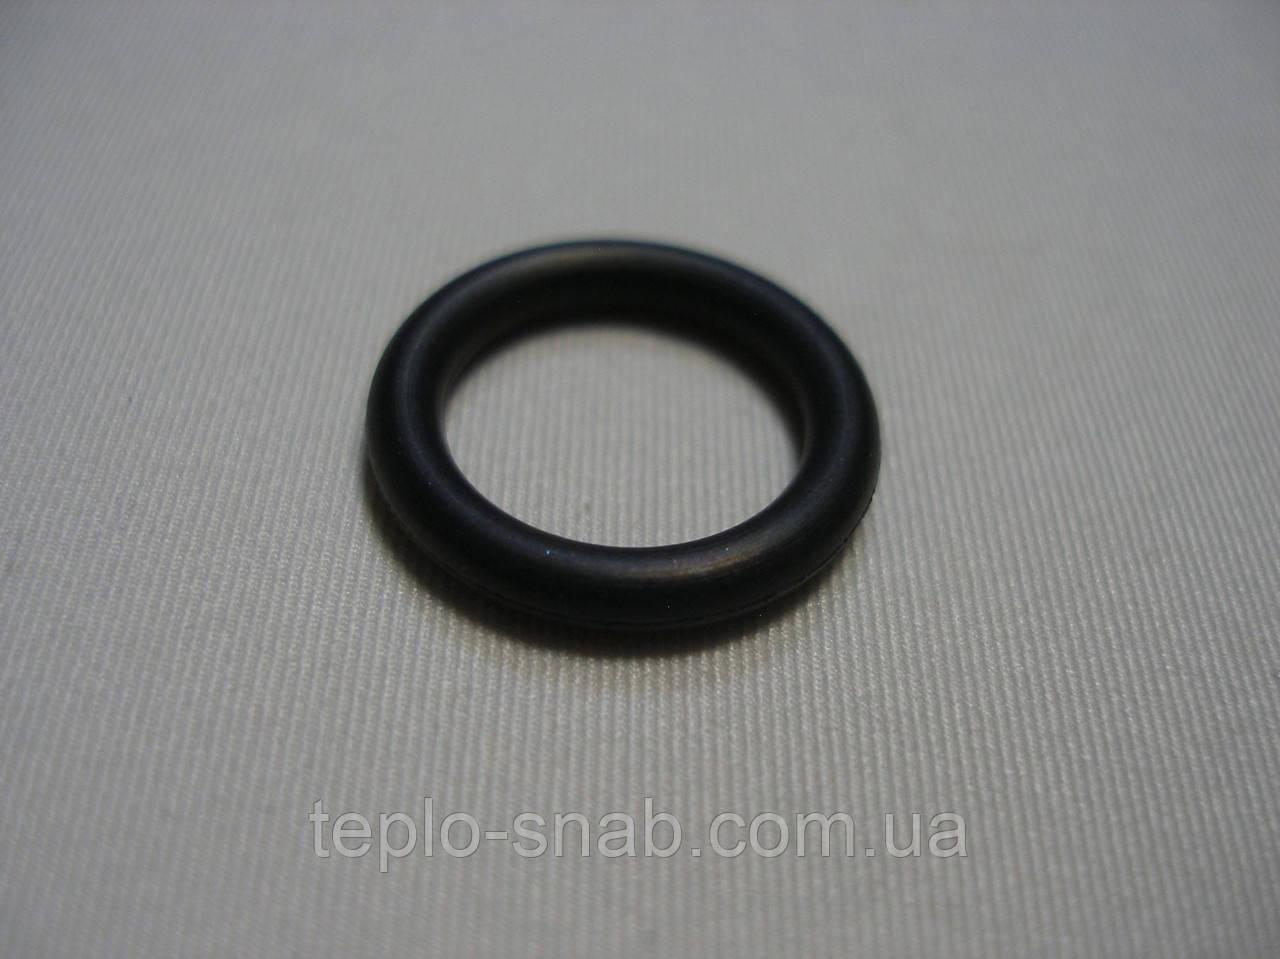 Уплотнительное кольцо теплообменника, гидрогруппы Junkers / Bosch. 8700205023